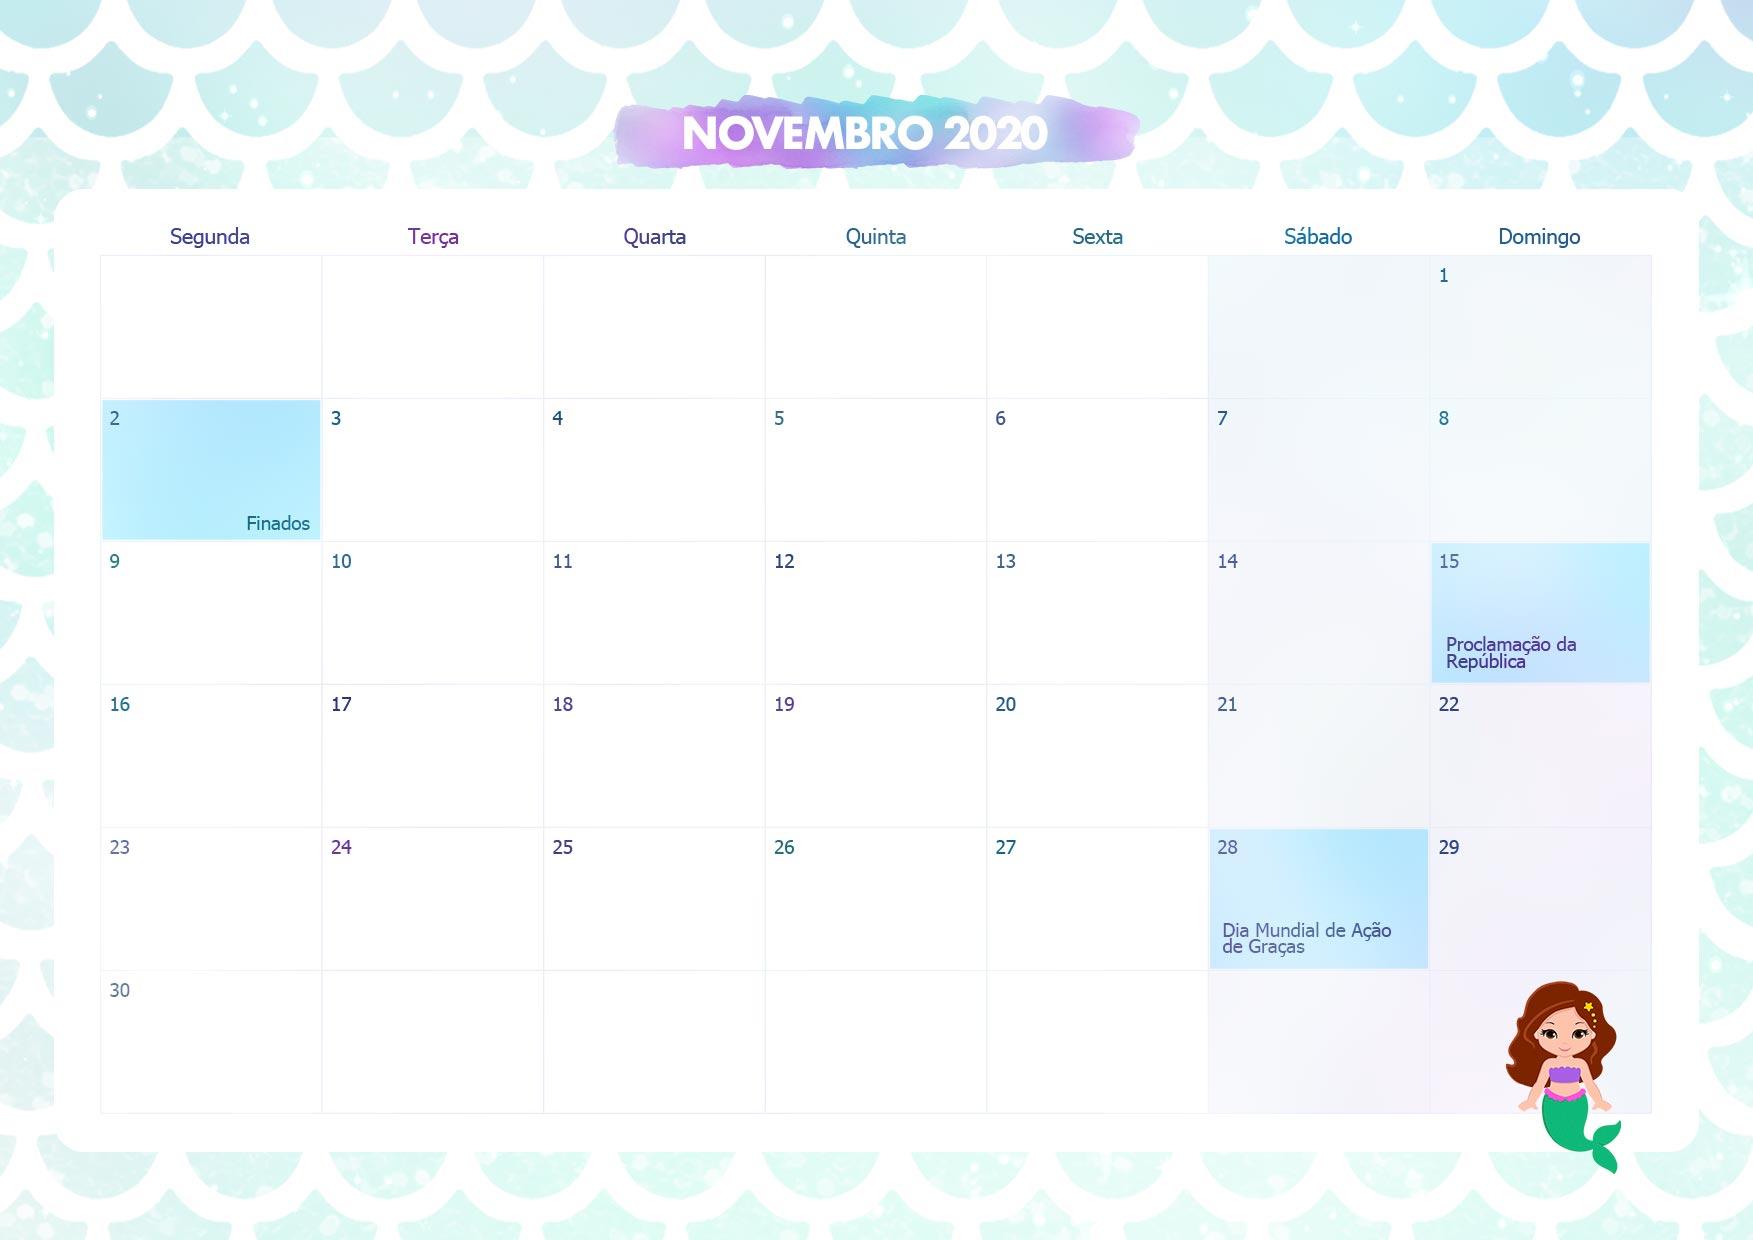 Calendario Mensal Sereia Novembro 2020